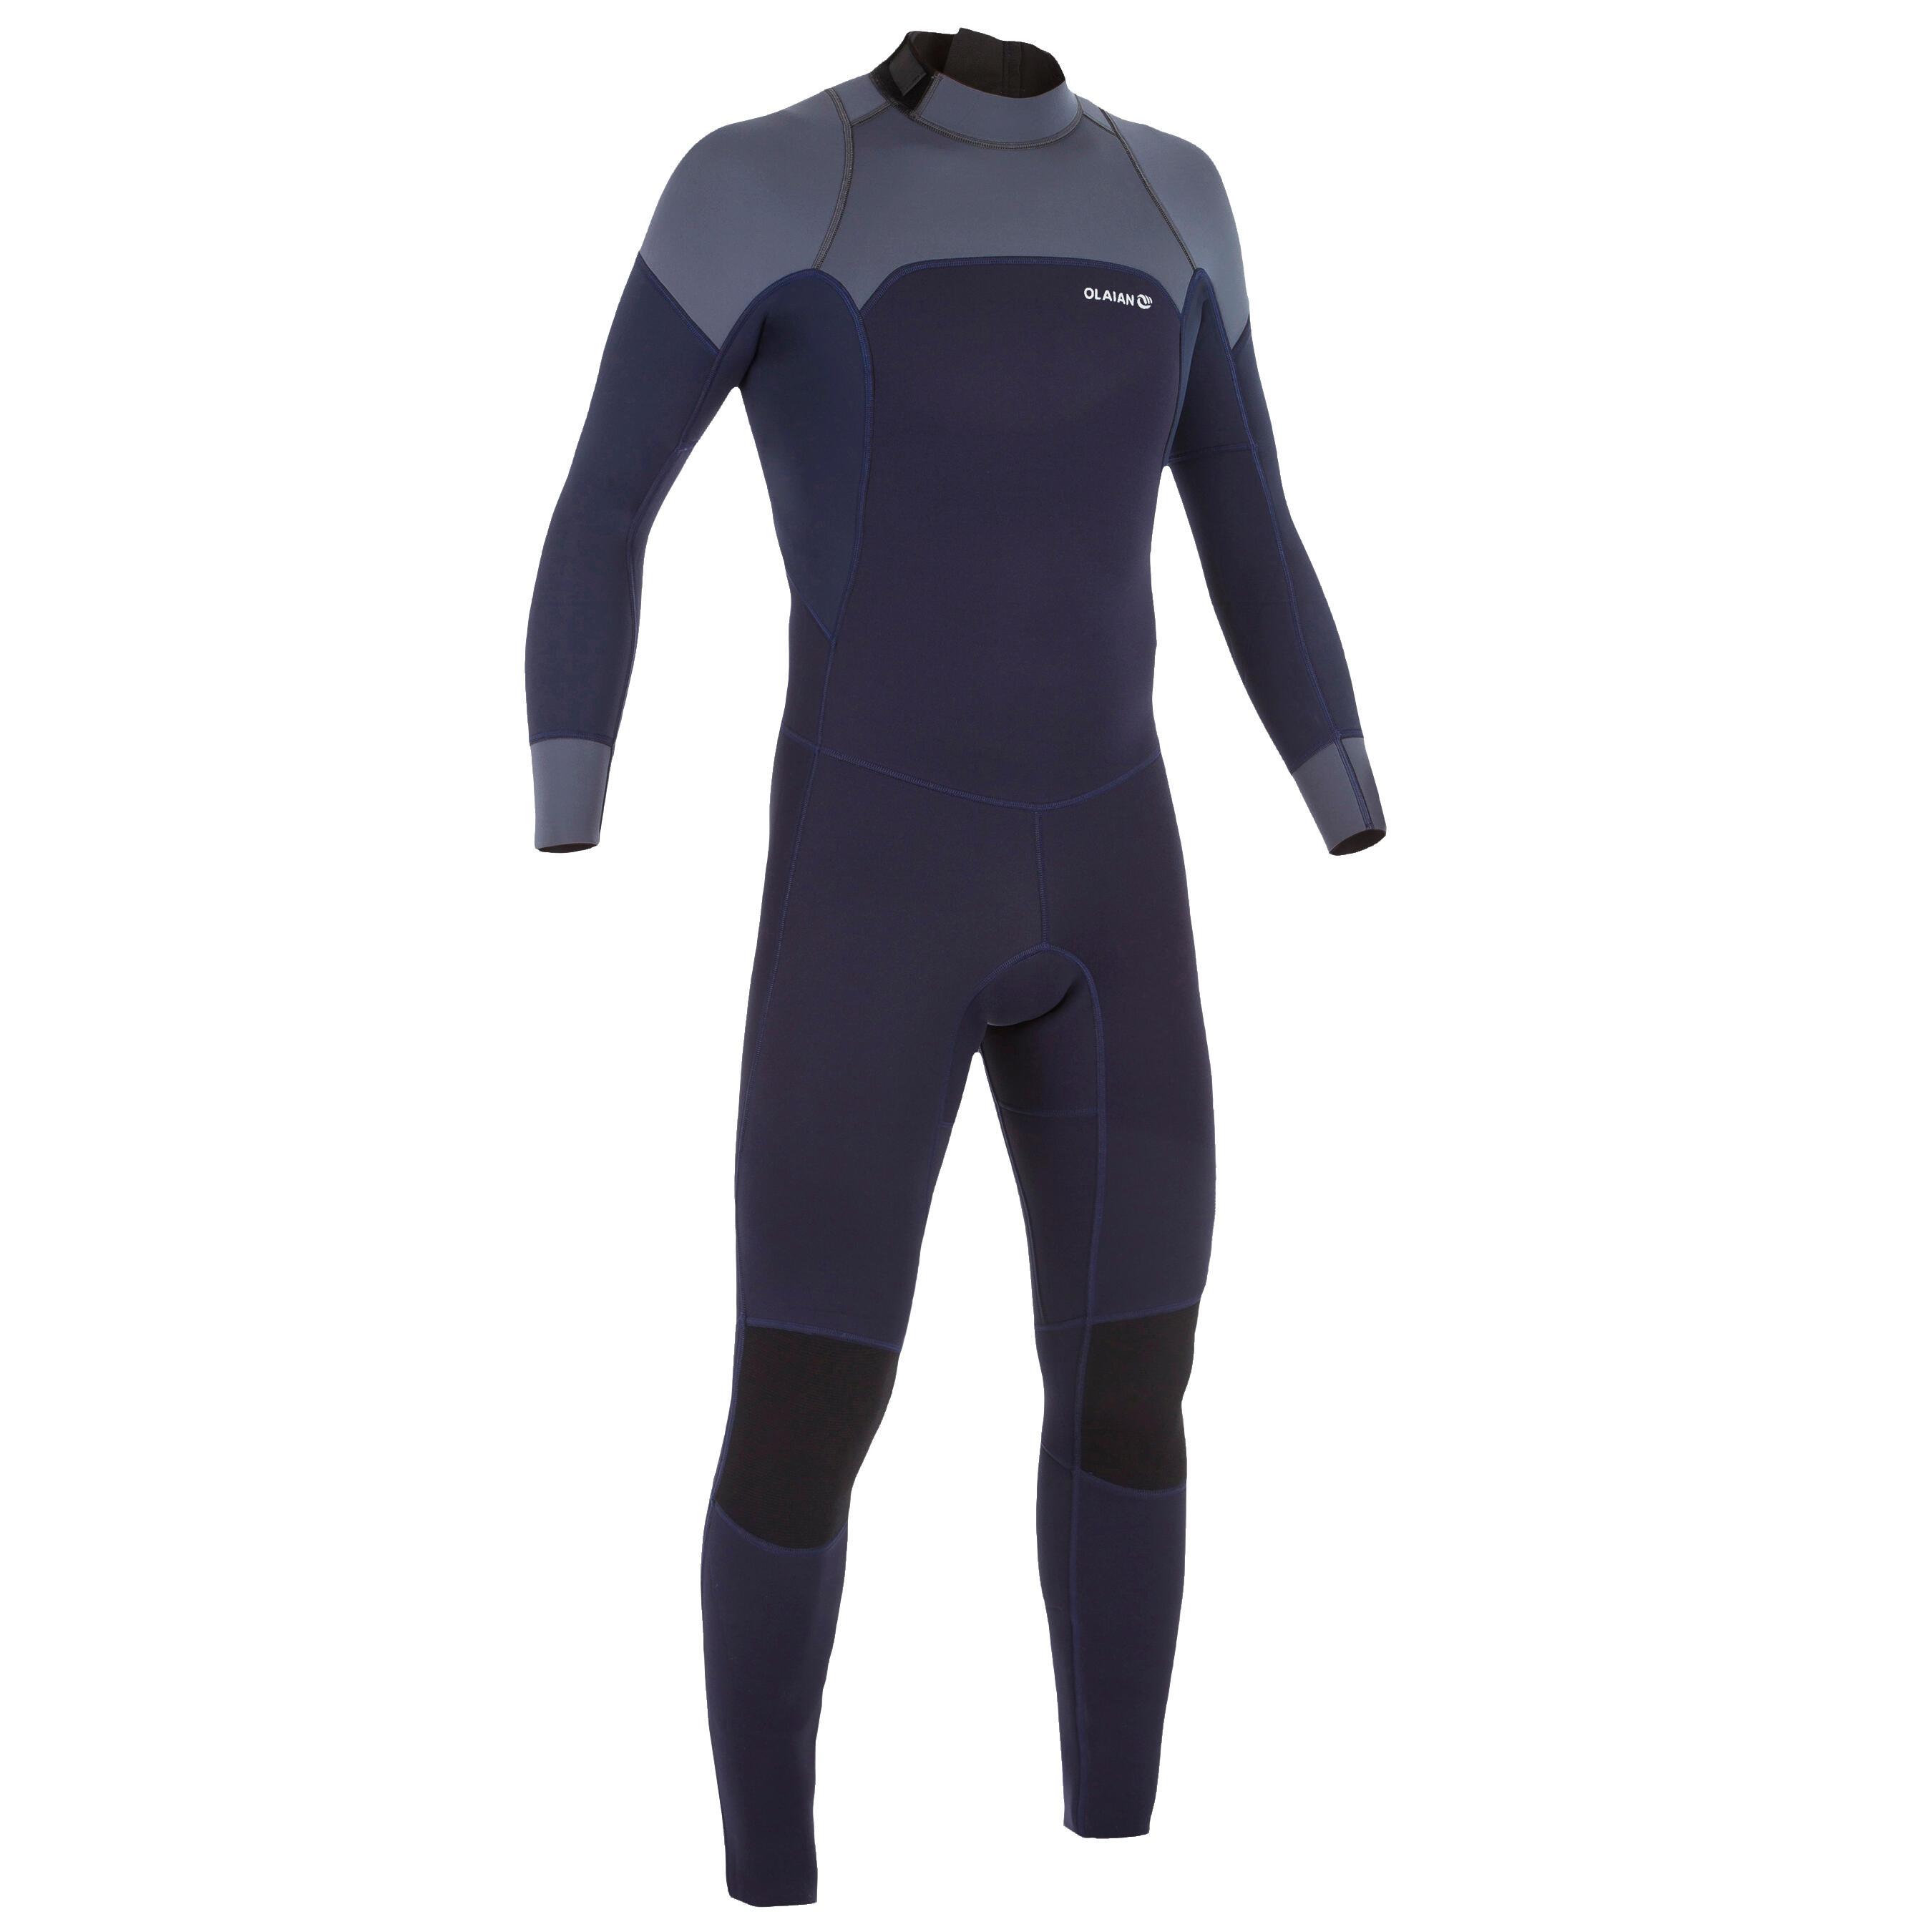 Comprar Trajes de Neopreno de Surf Online  1f5e7da97c4